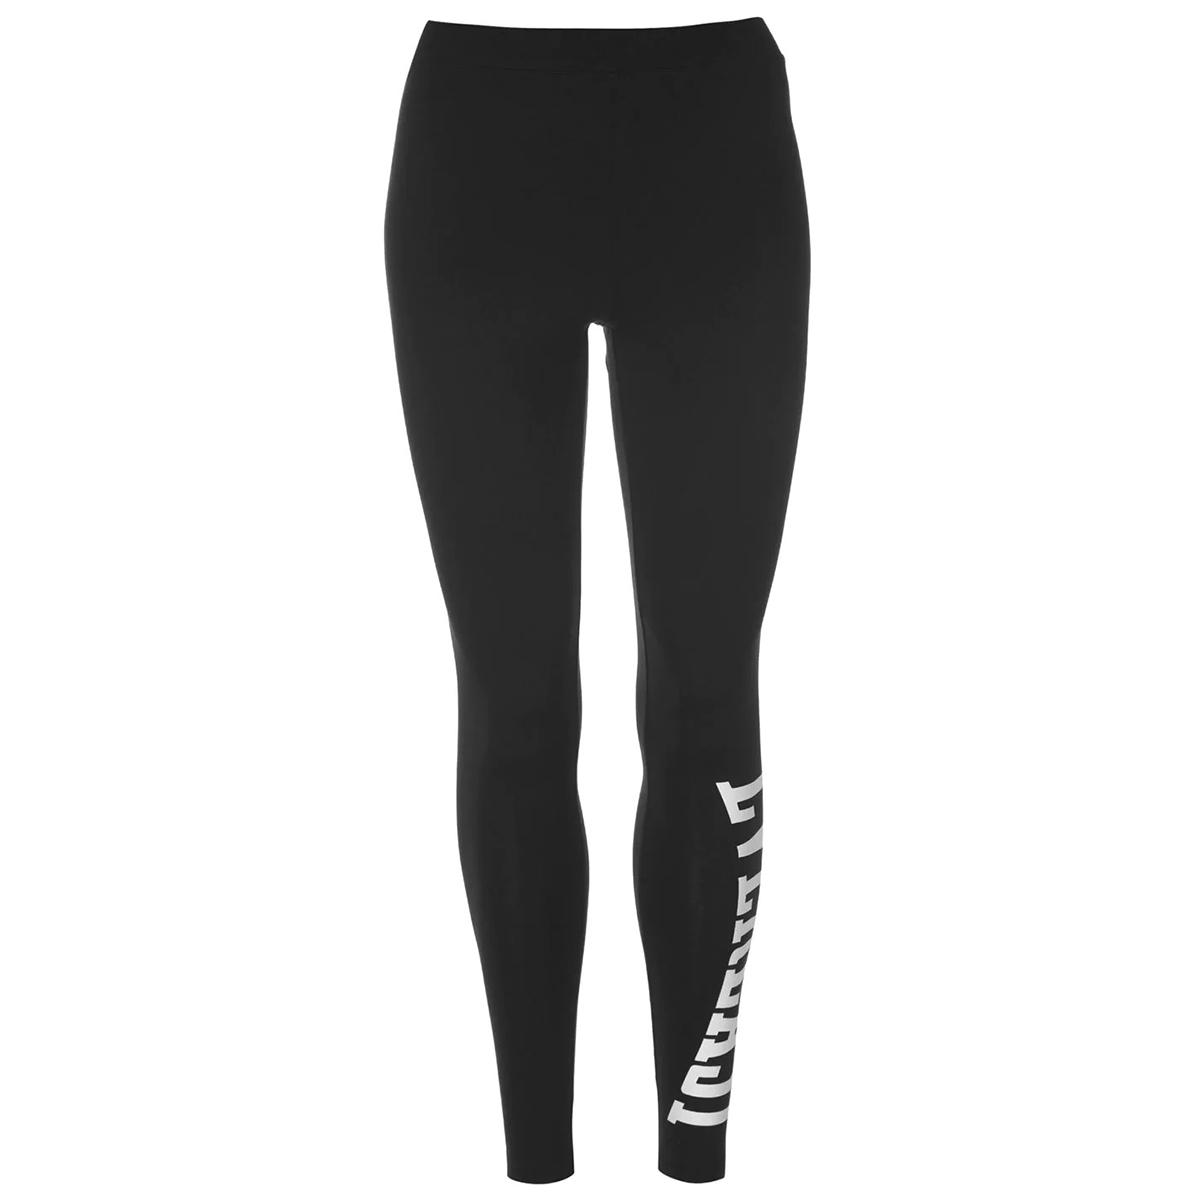 Everlast Women's Leggings - Black, 4